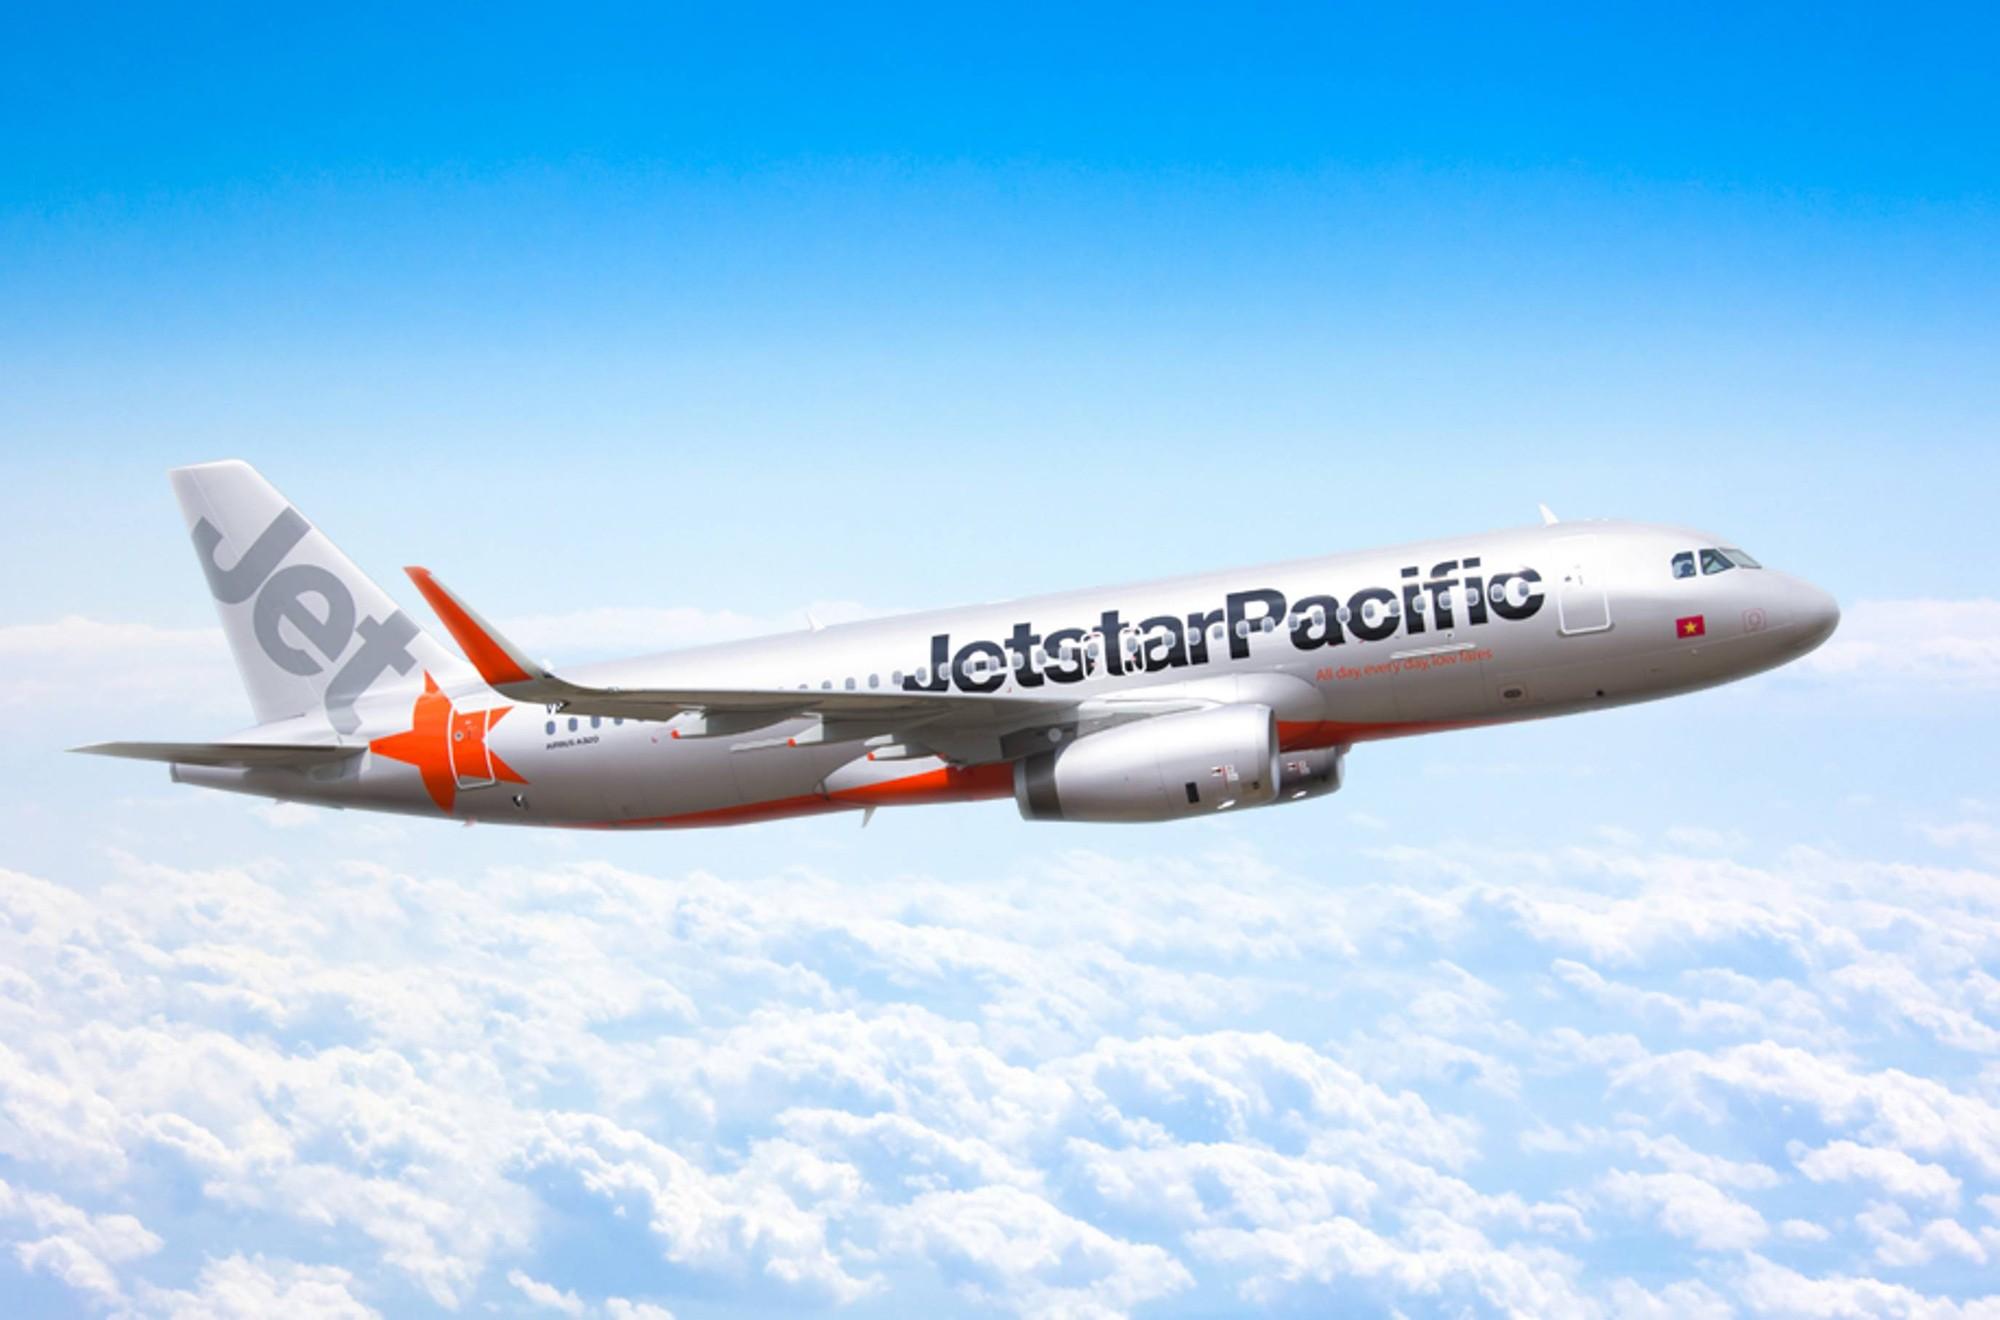 Máy bay dừng khẩn cấp để cứu thai phụ người nước ngoài ở Đà Nẵng - Ảnh 1.